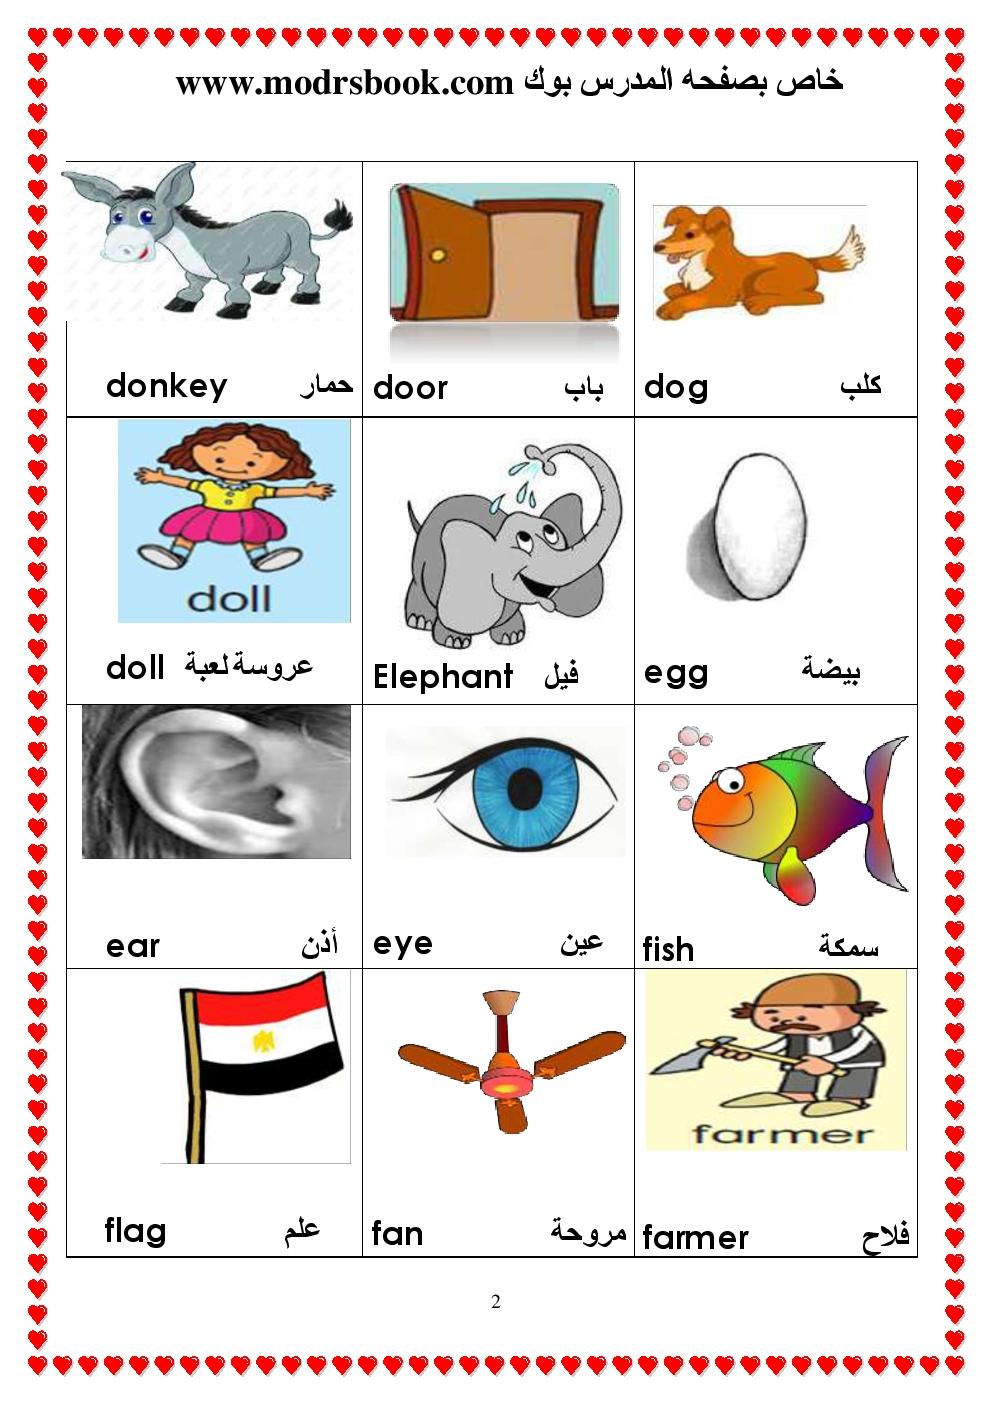 تحميل كتاب قاموس انجليزي عربي pdf